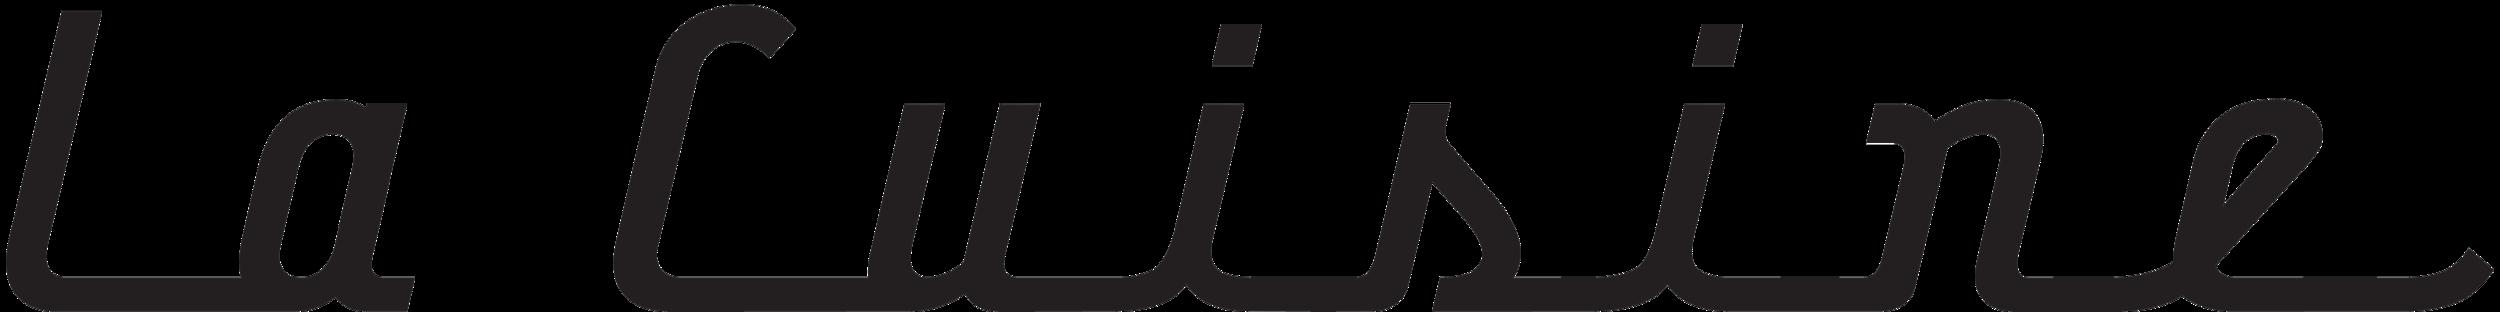 LogoCuisineHI.png